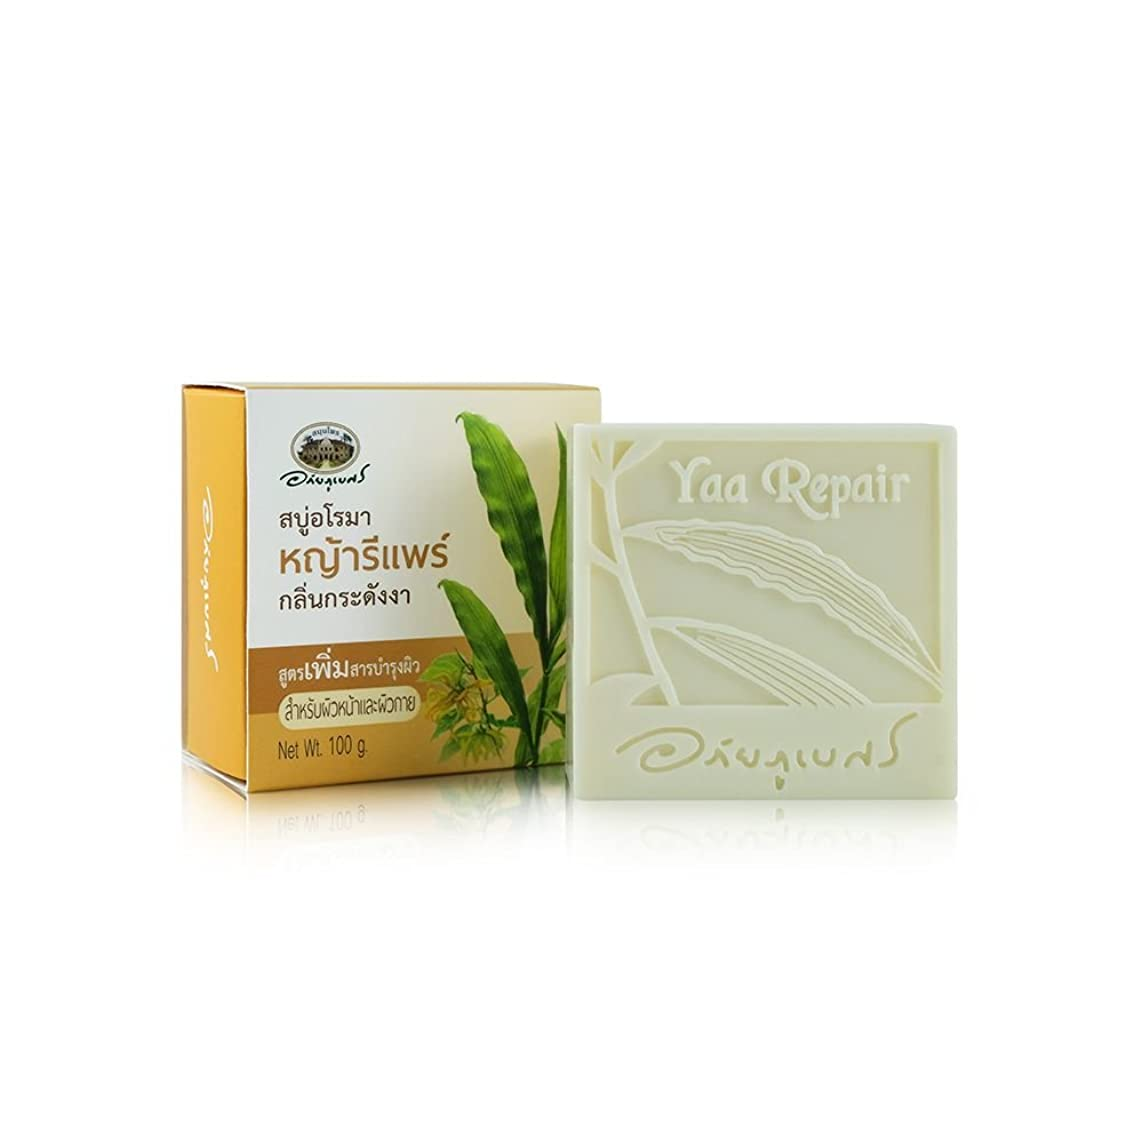 ポスター先入観気体のAbhaibhubejhr Thai Aromatherapy With Ylang Ylang Skin Care Formula Herbal Body Face Cleaning Soap 100g.